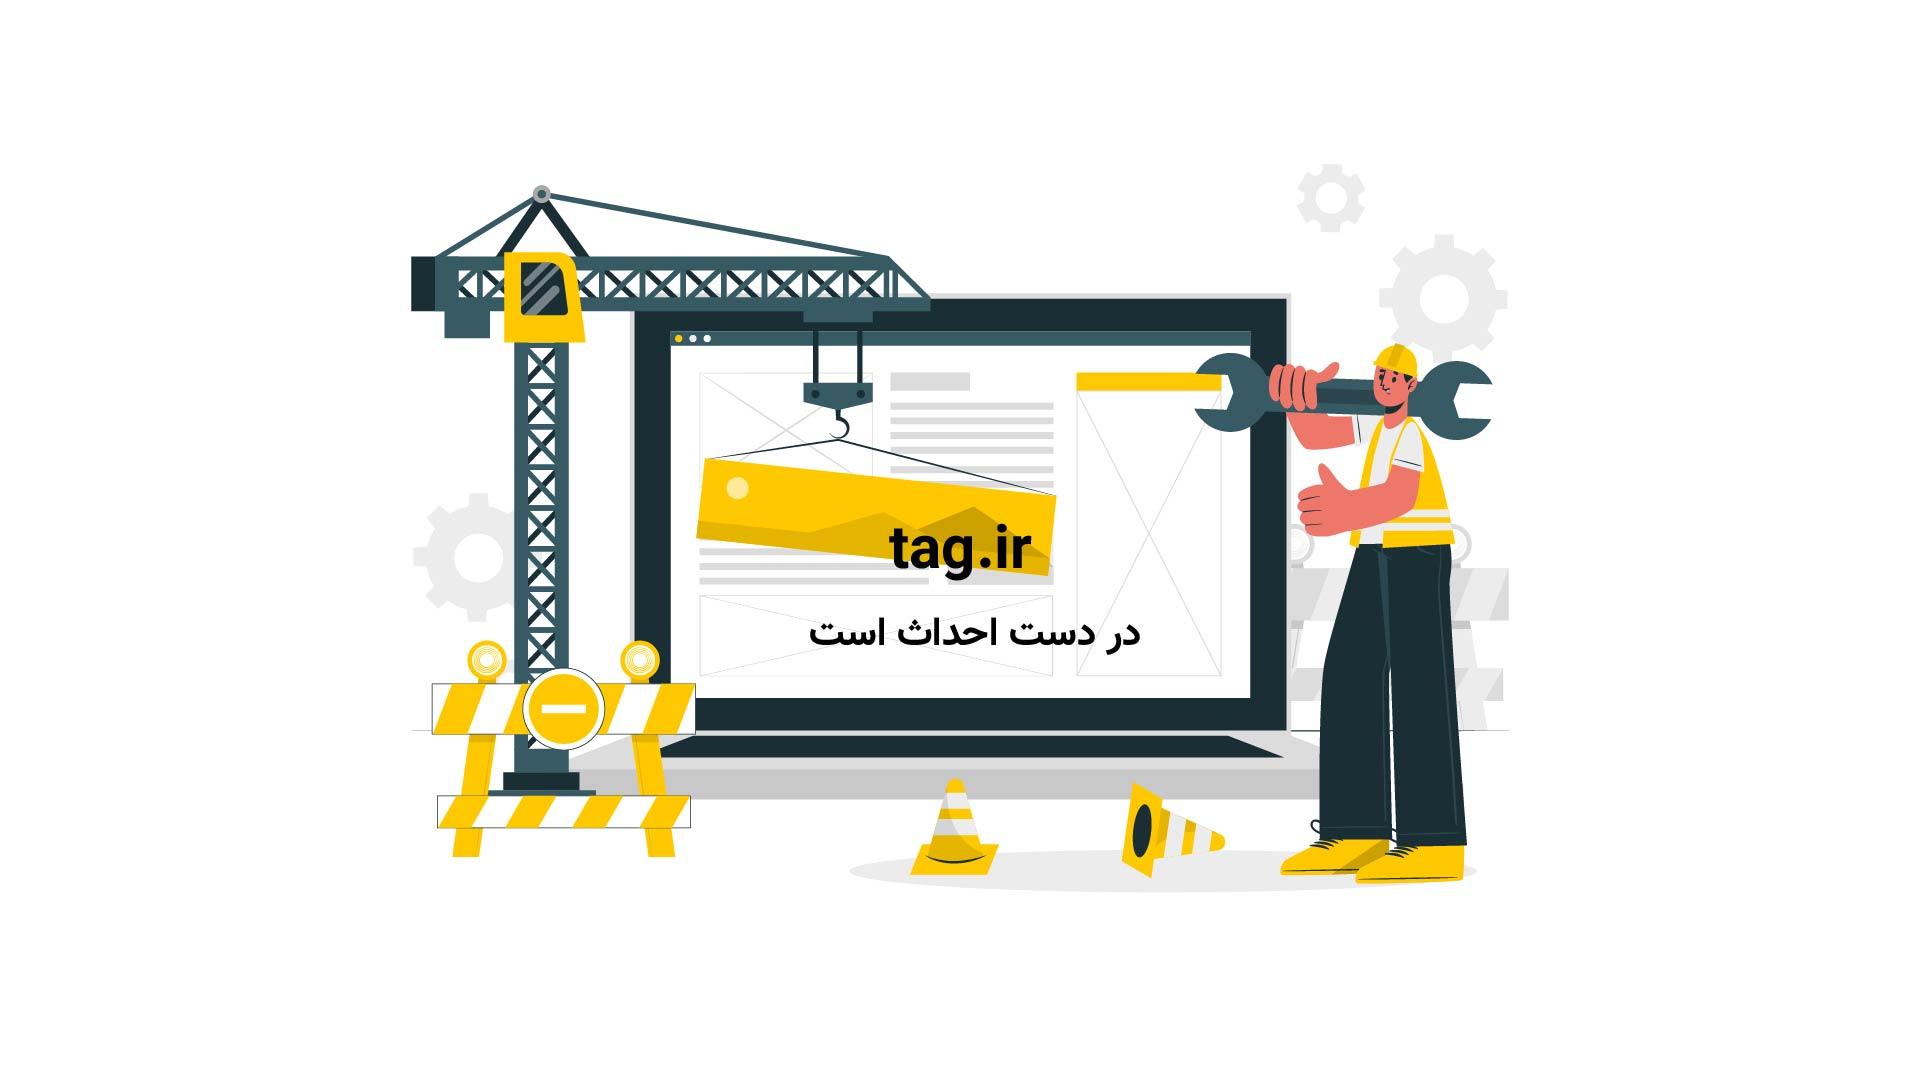 عناوین روزنامههای اقتصادی شنبه ۲۹ مهر | فیلم